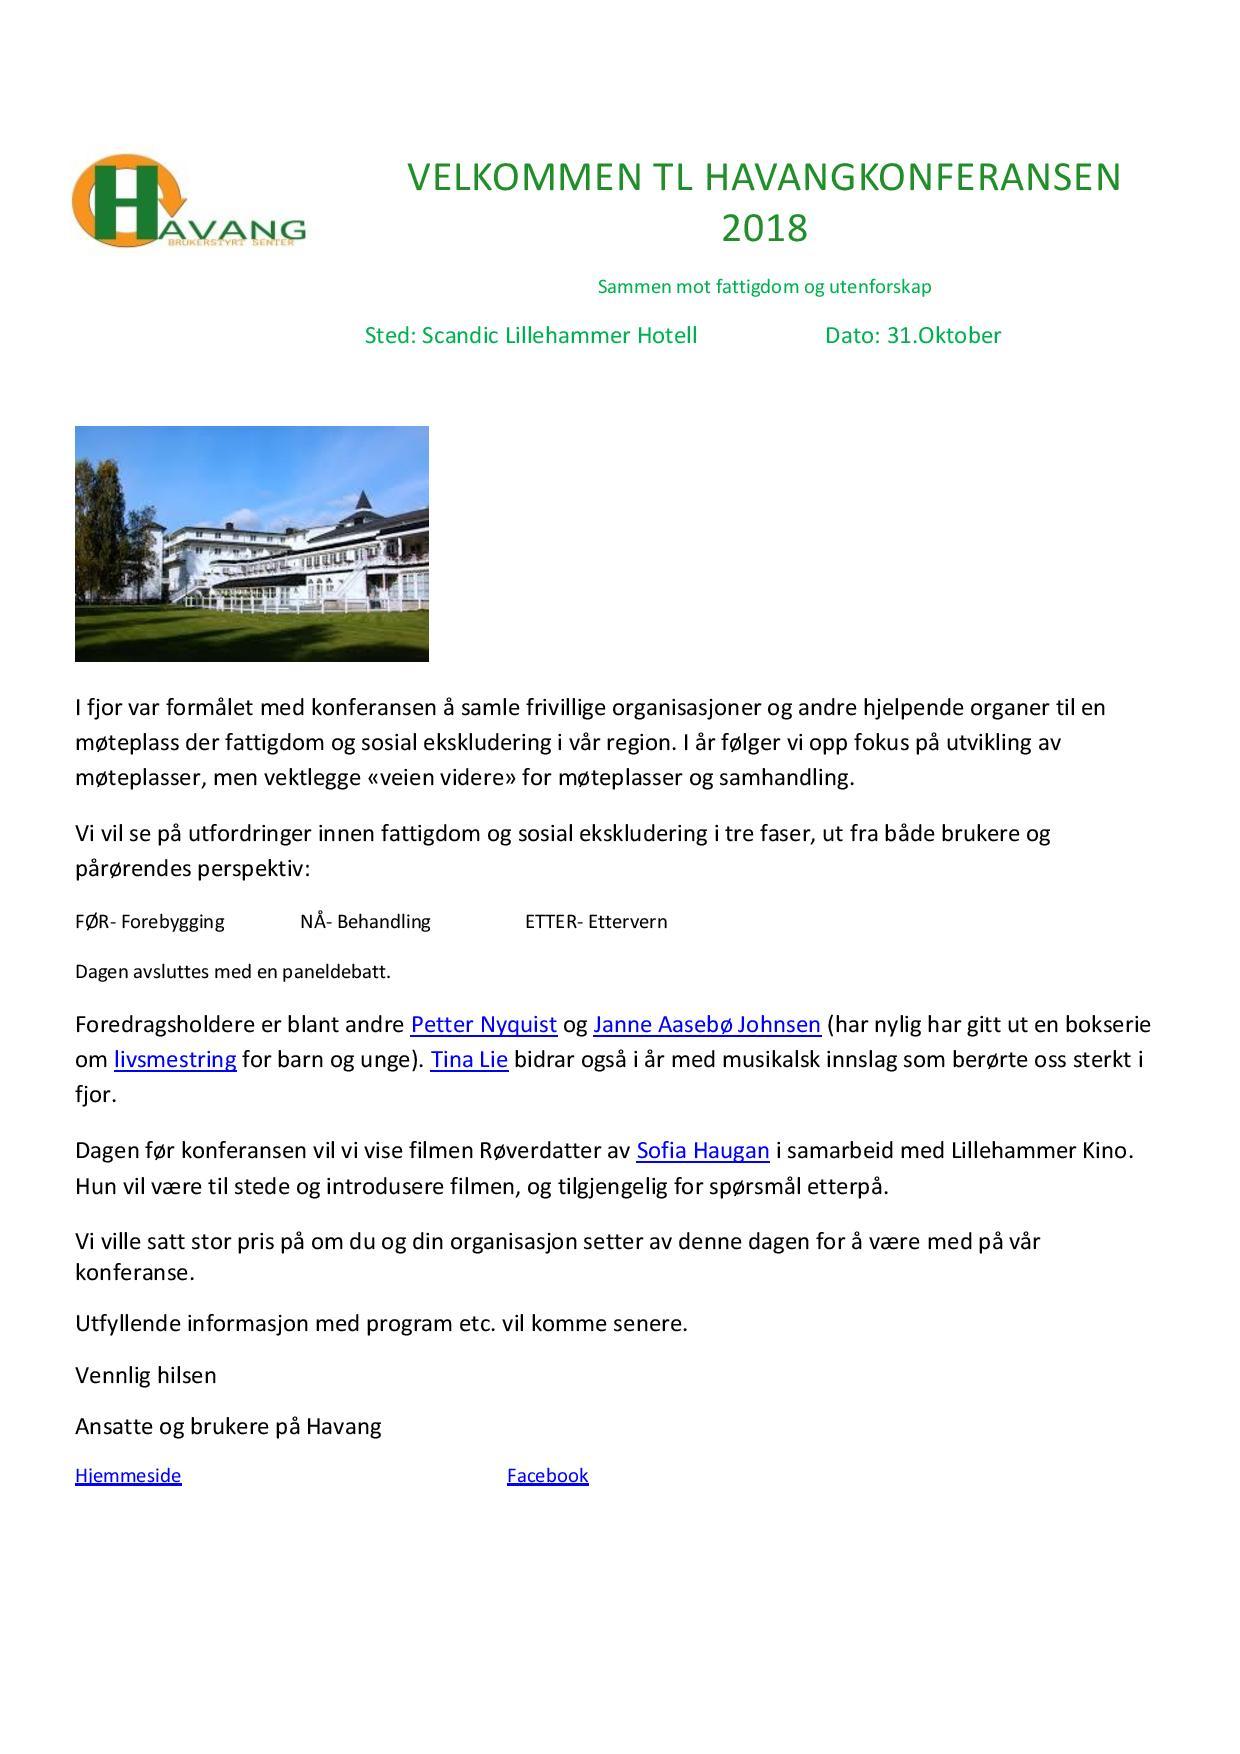 Invitasjon til Havangkonferansen 2018-page-001